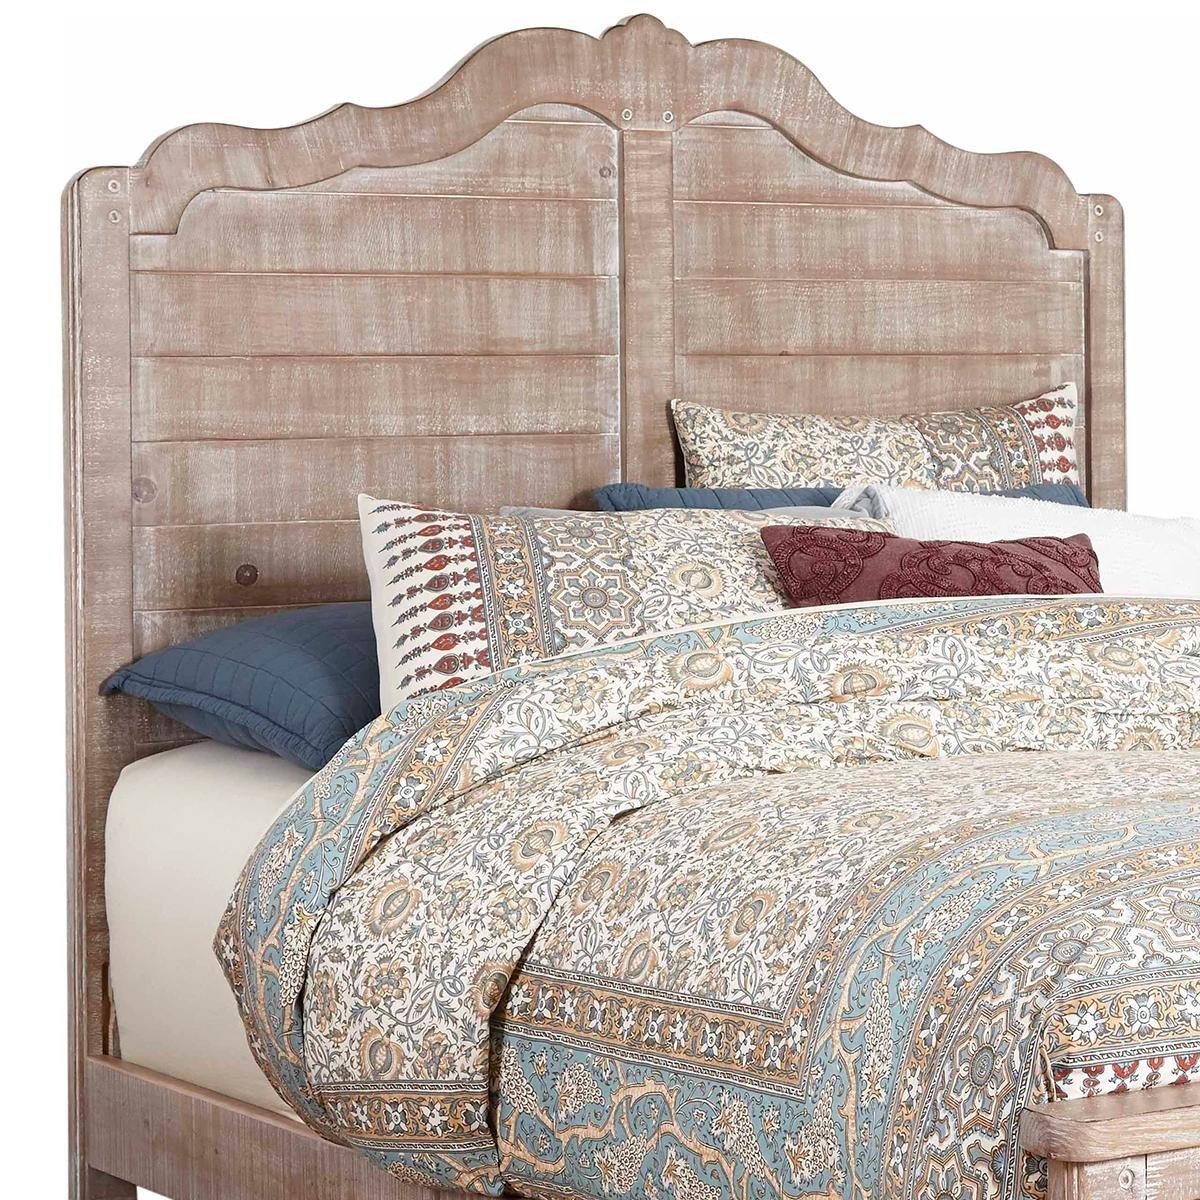 Nebraska Furniture Mart Bedroom Set Lovely Tiddal Home Chatsworth King Panel Bed In Chalk Distressed